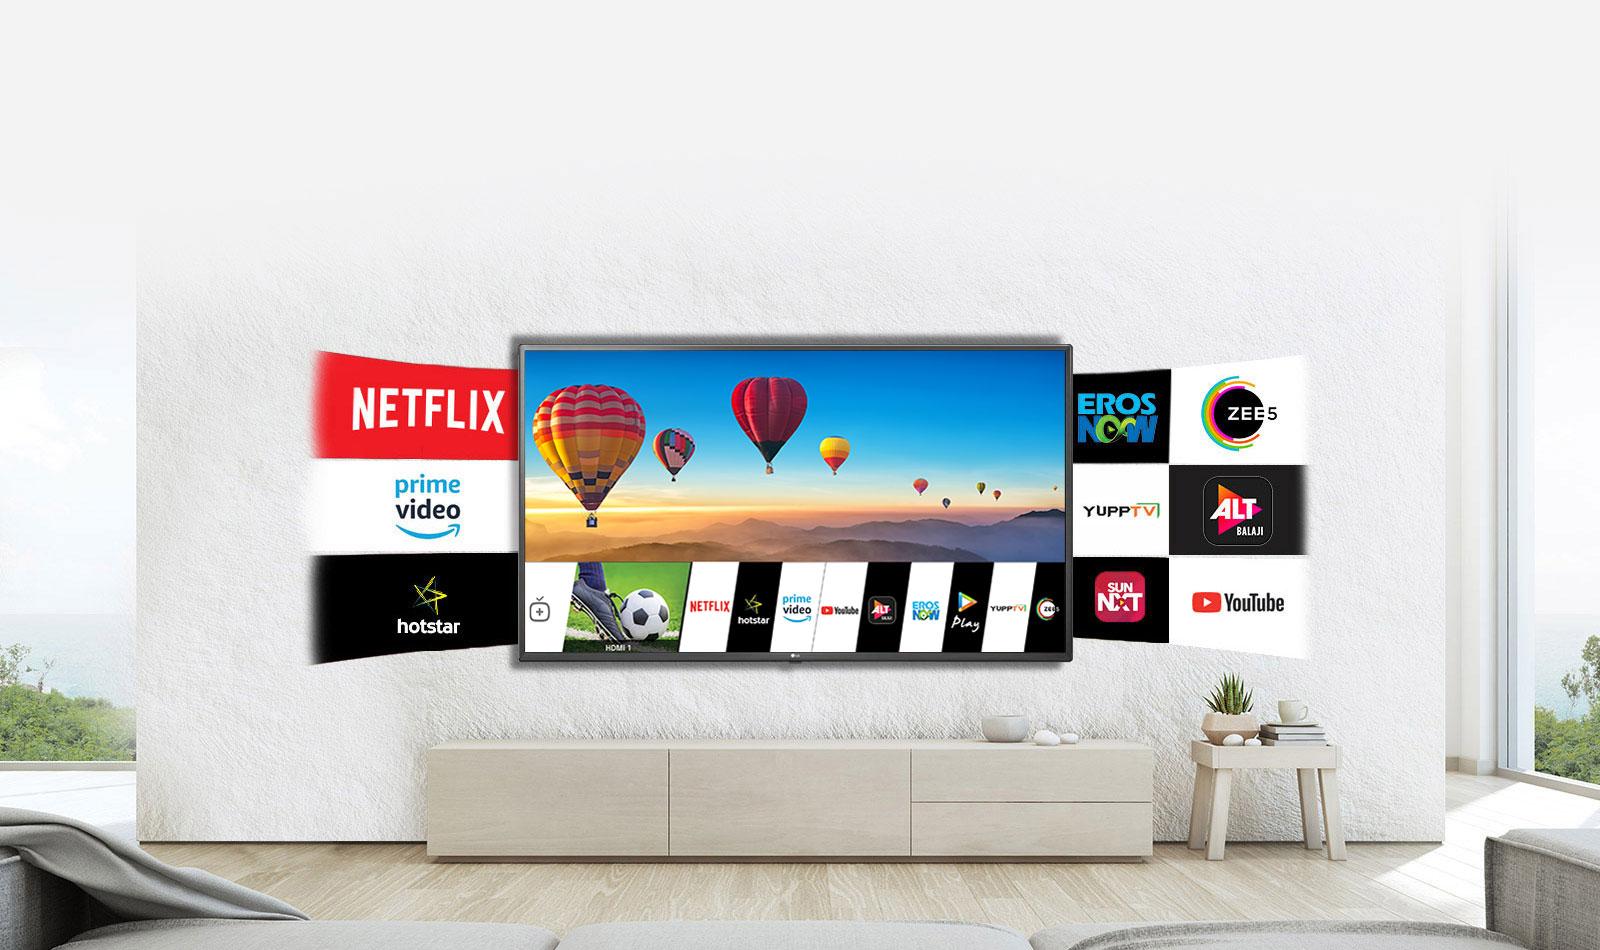 LG 55UM72 Web OS Smart TV